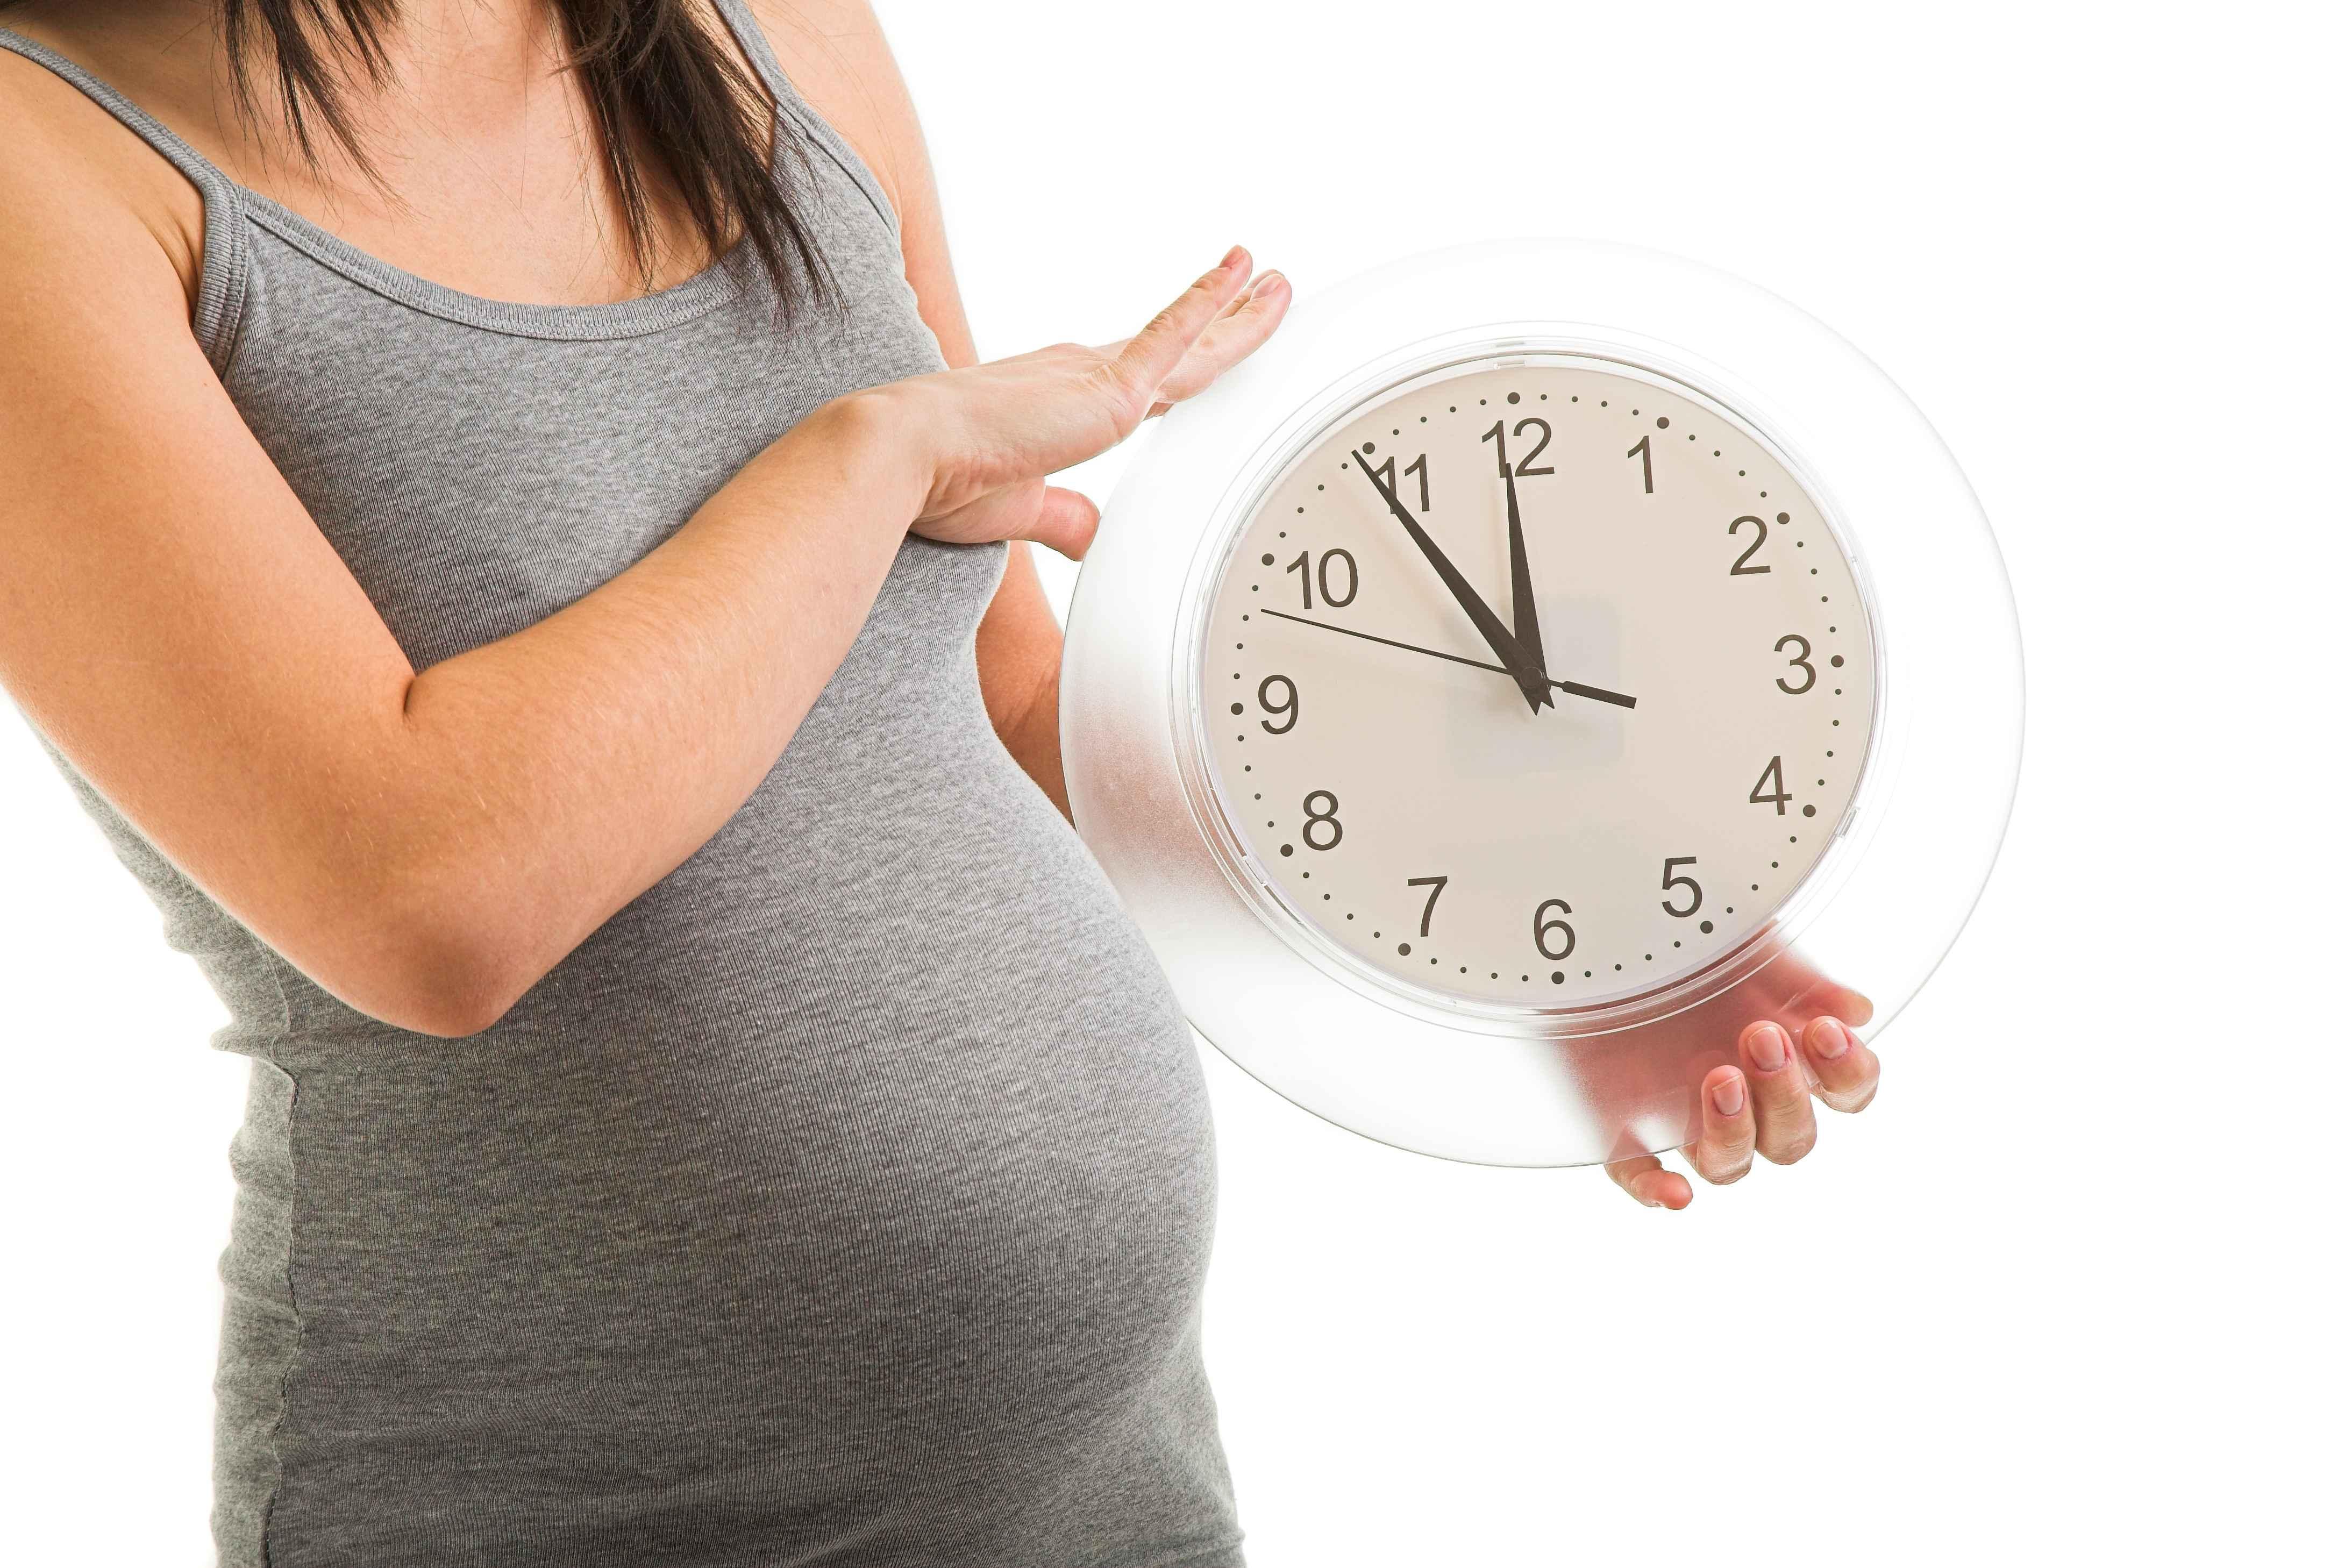 早孕反应看生男生女?吐的厉害是男孩,到底准不准?